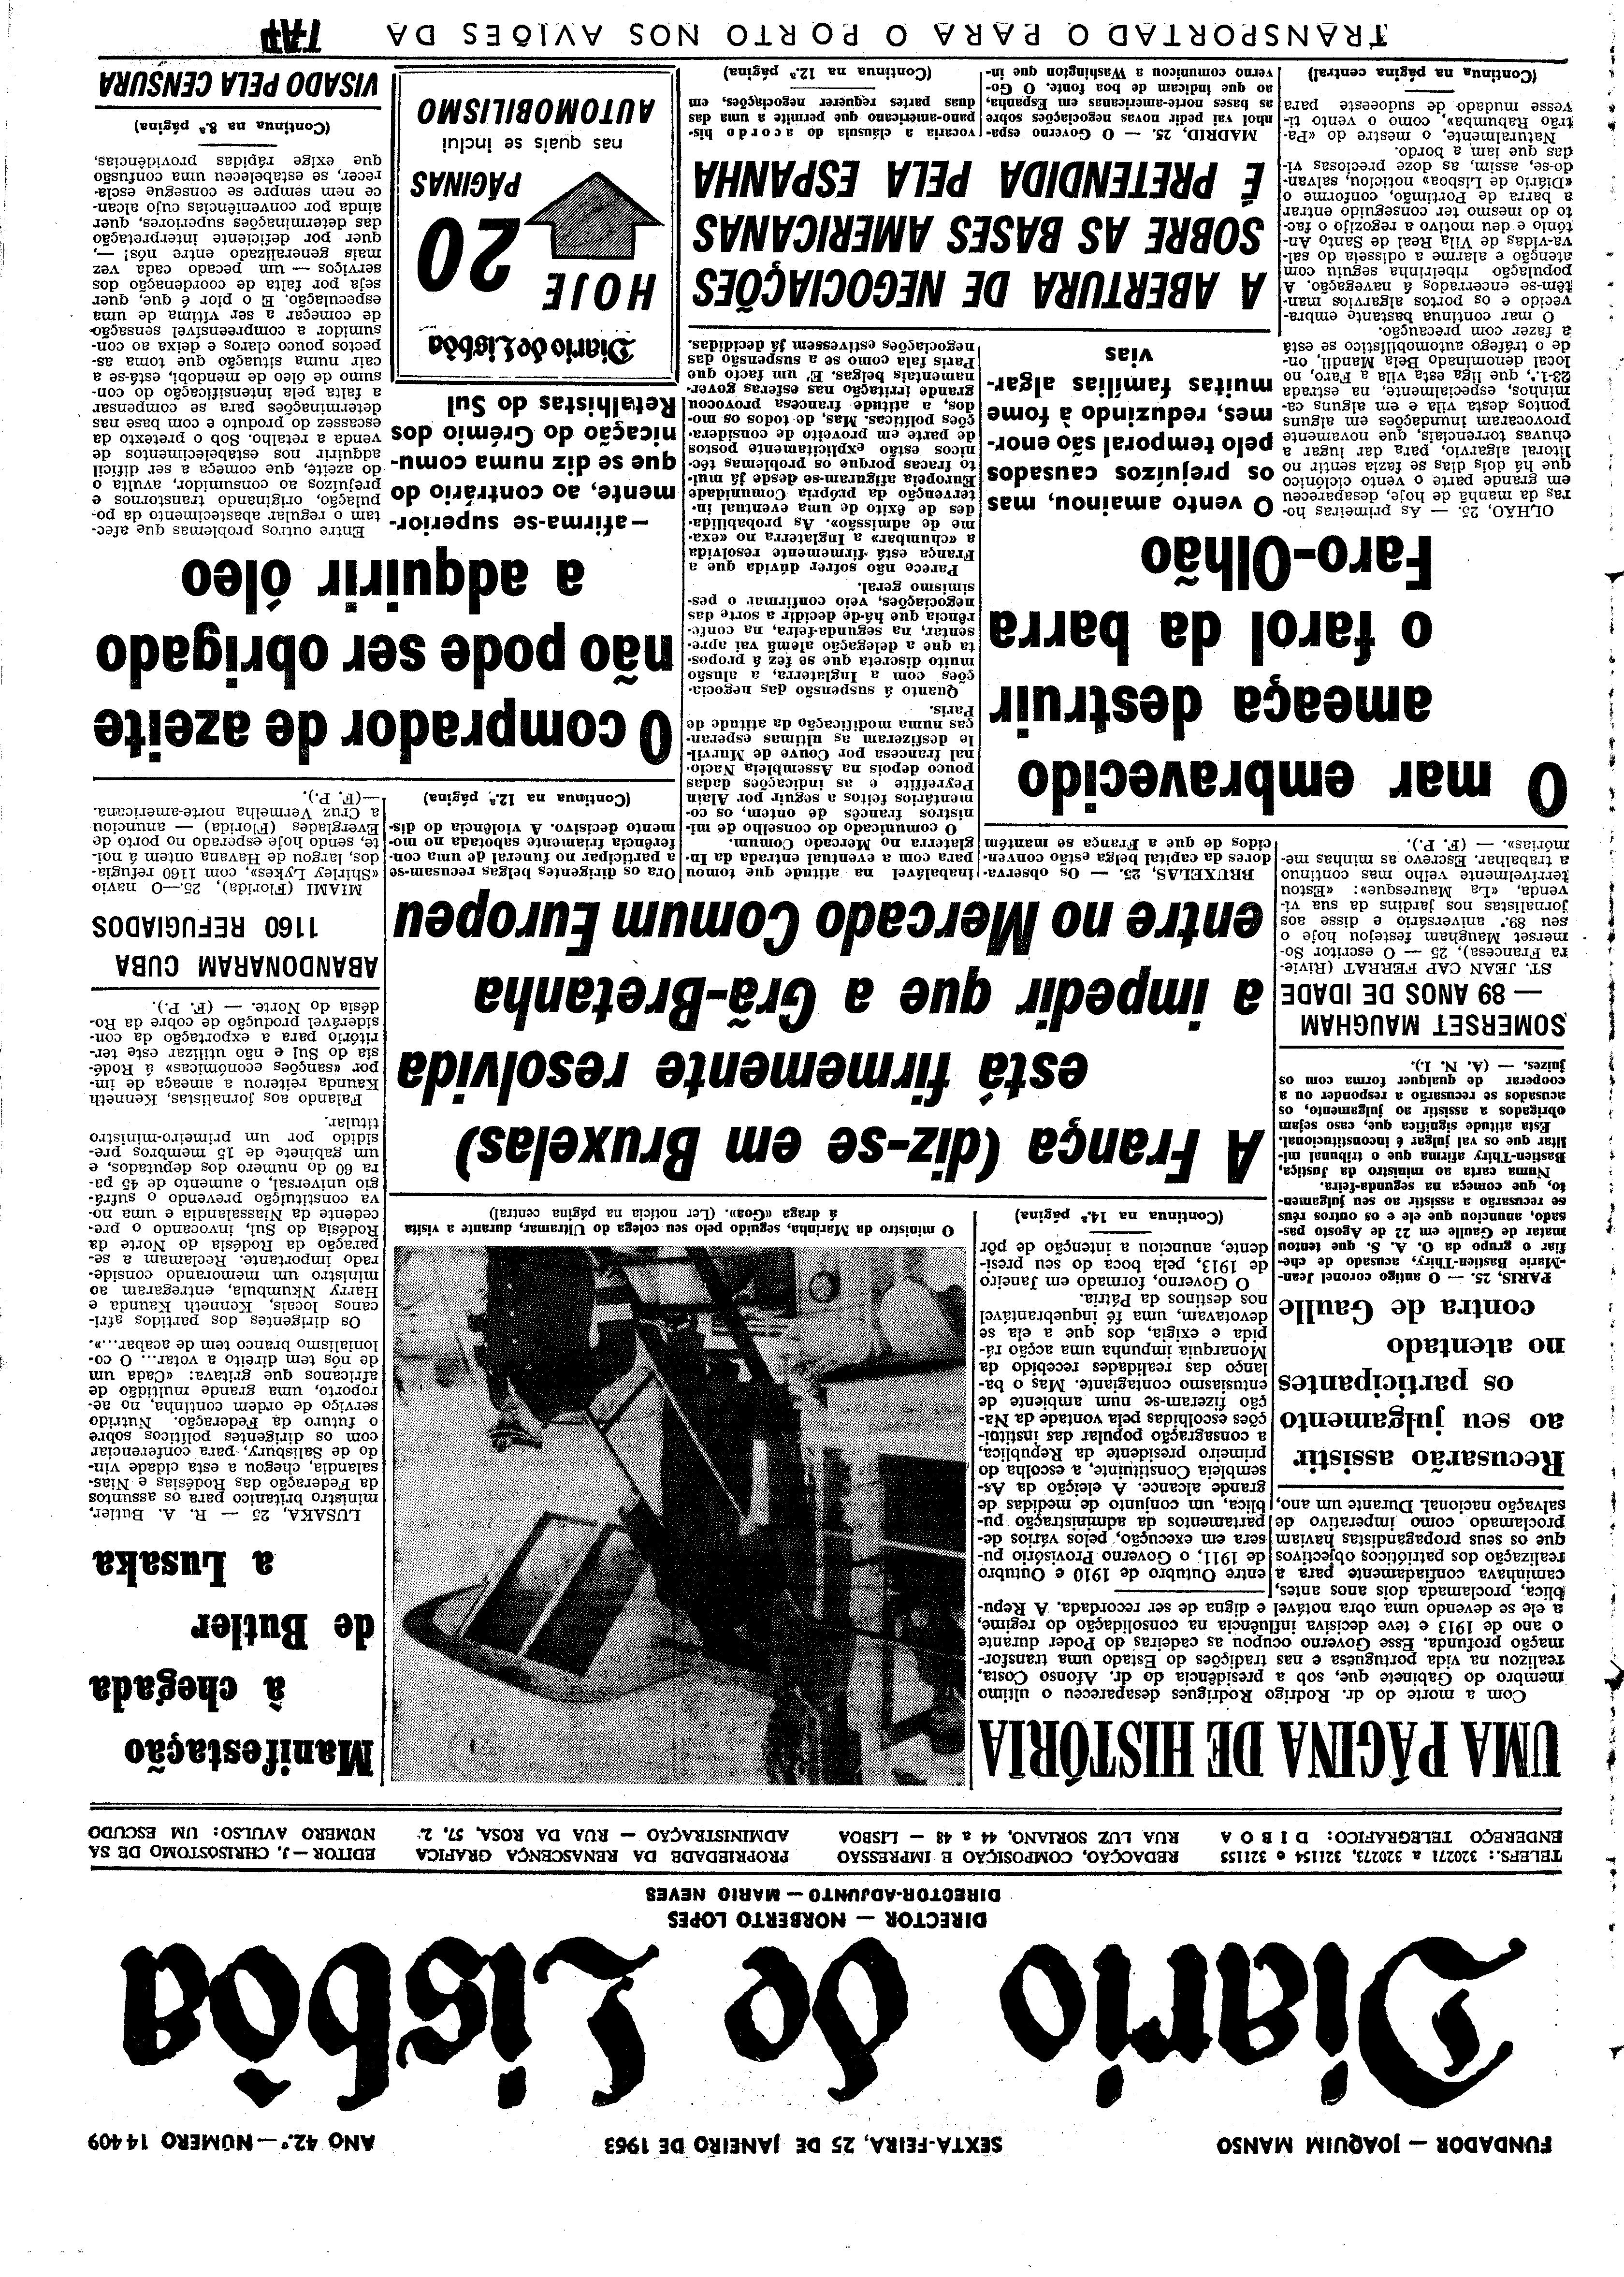 06547.085.18150- pag.1